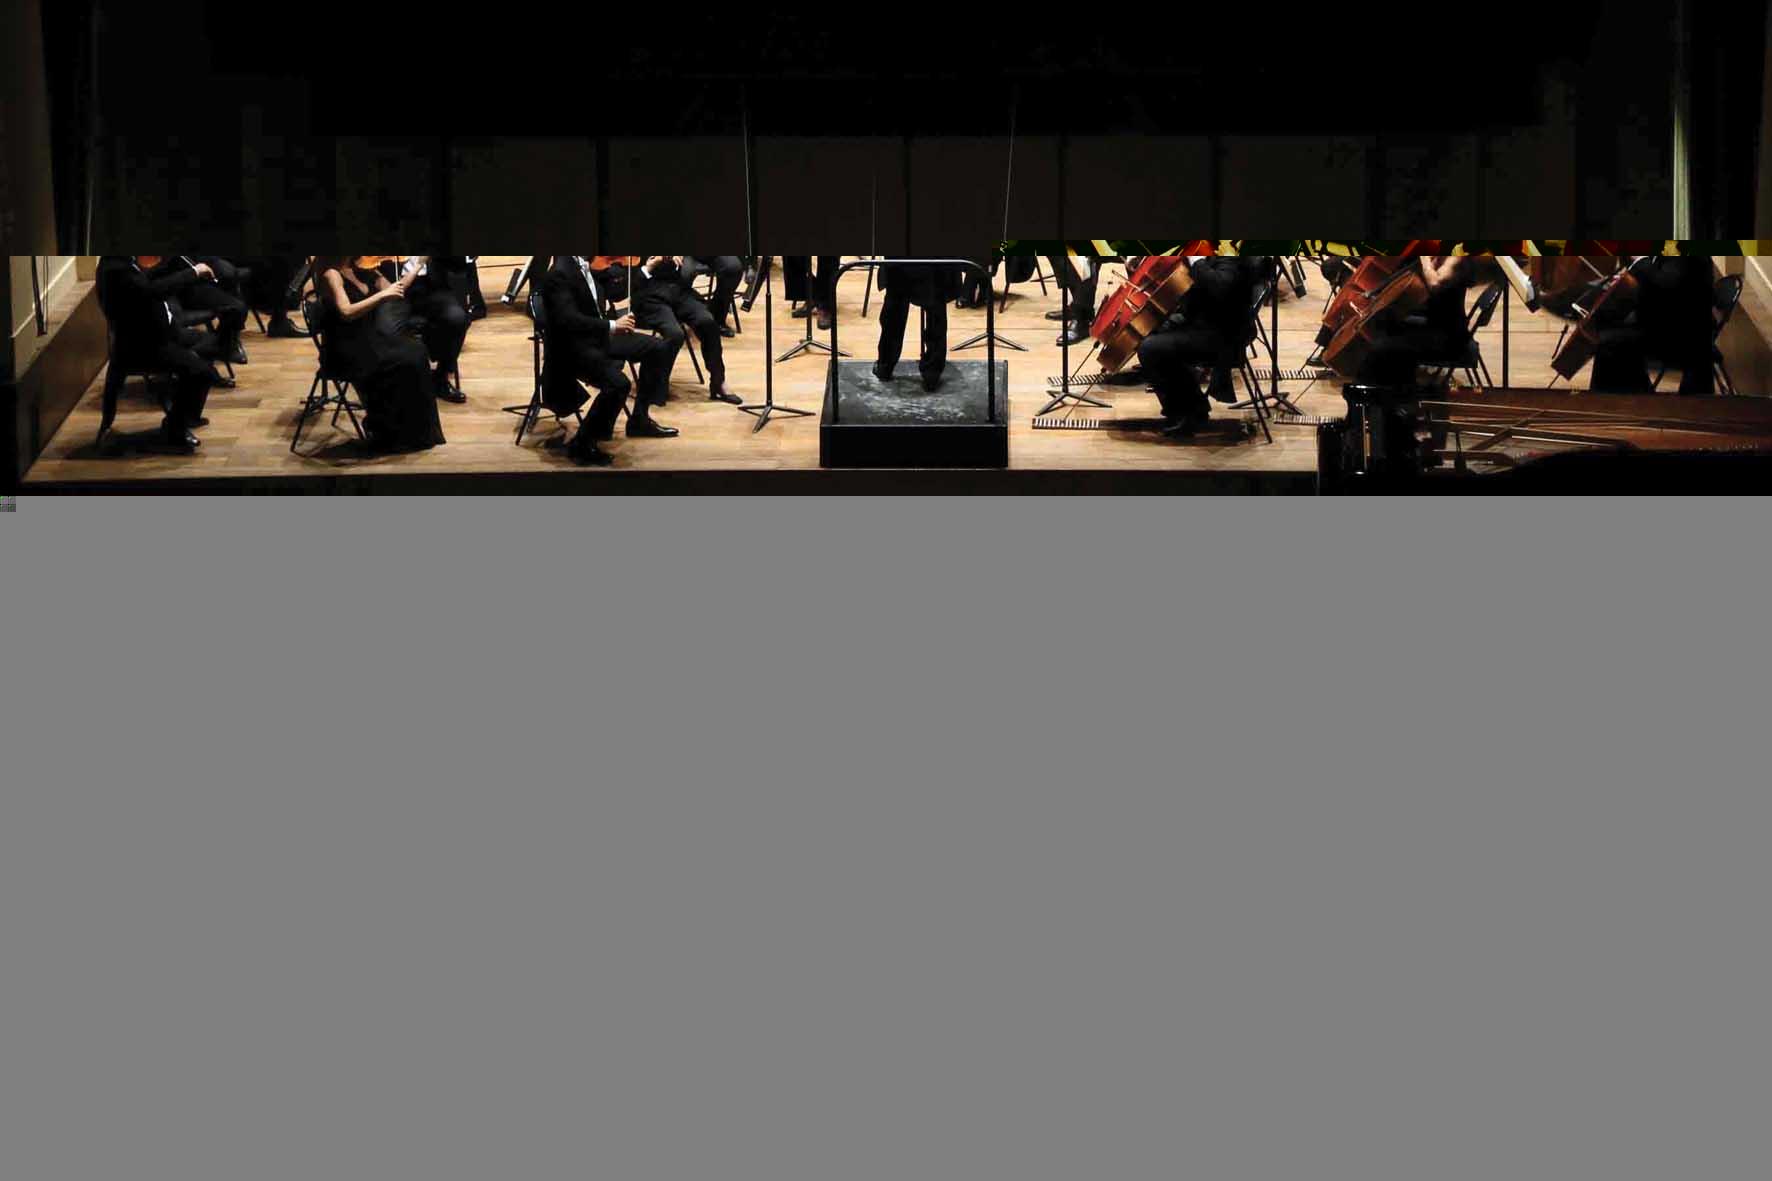 Fondazione arena 2012 Teatro Ristori